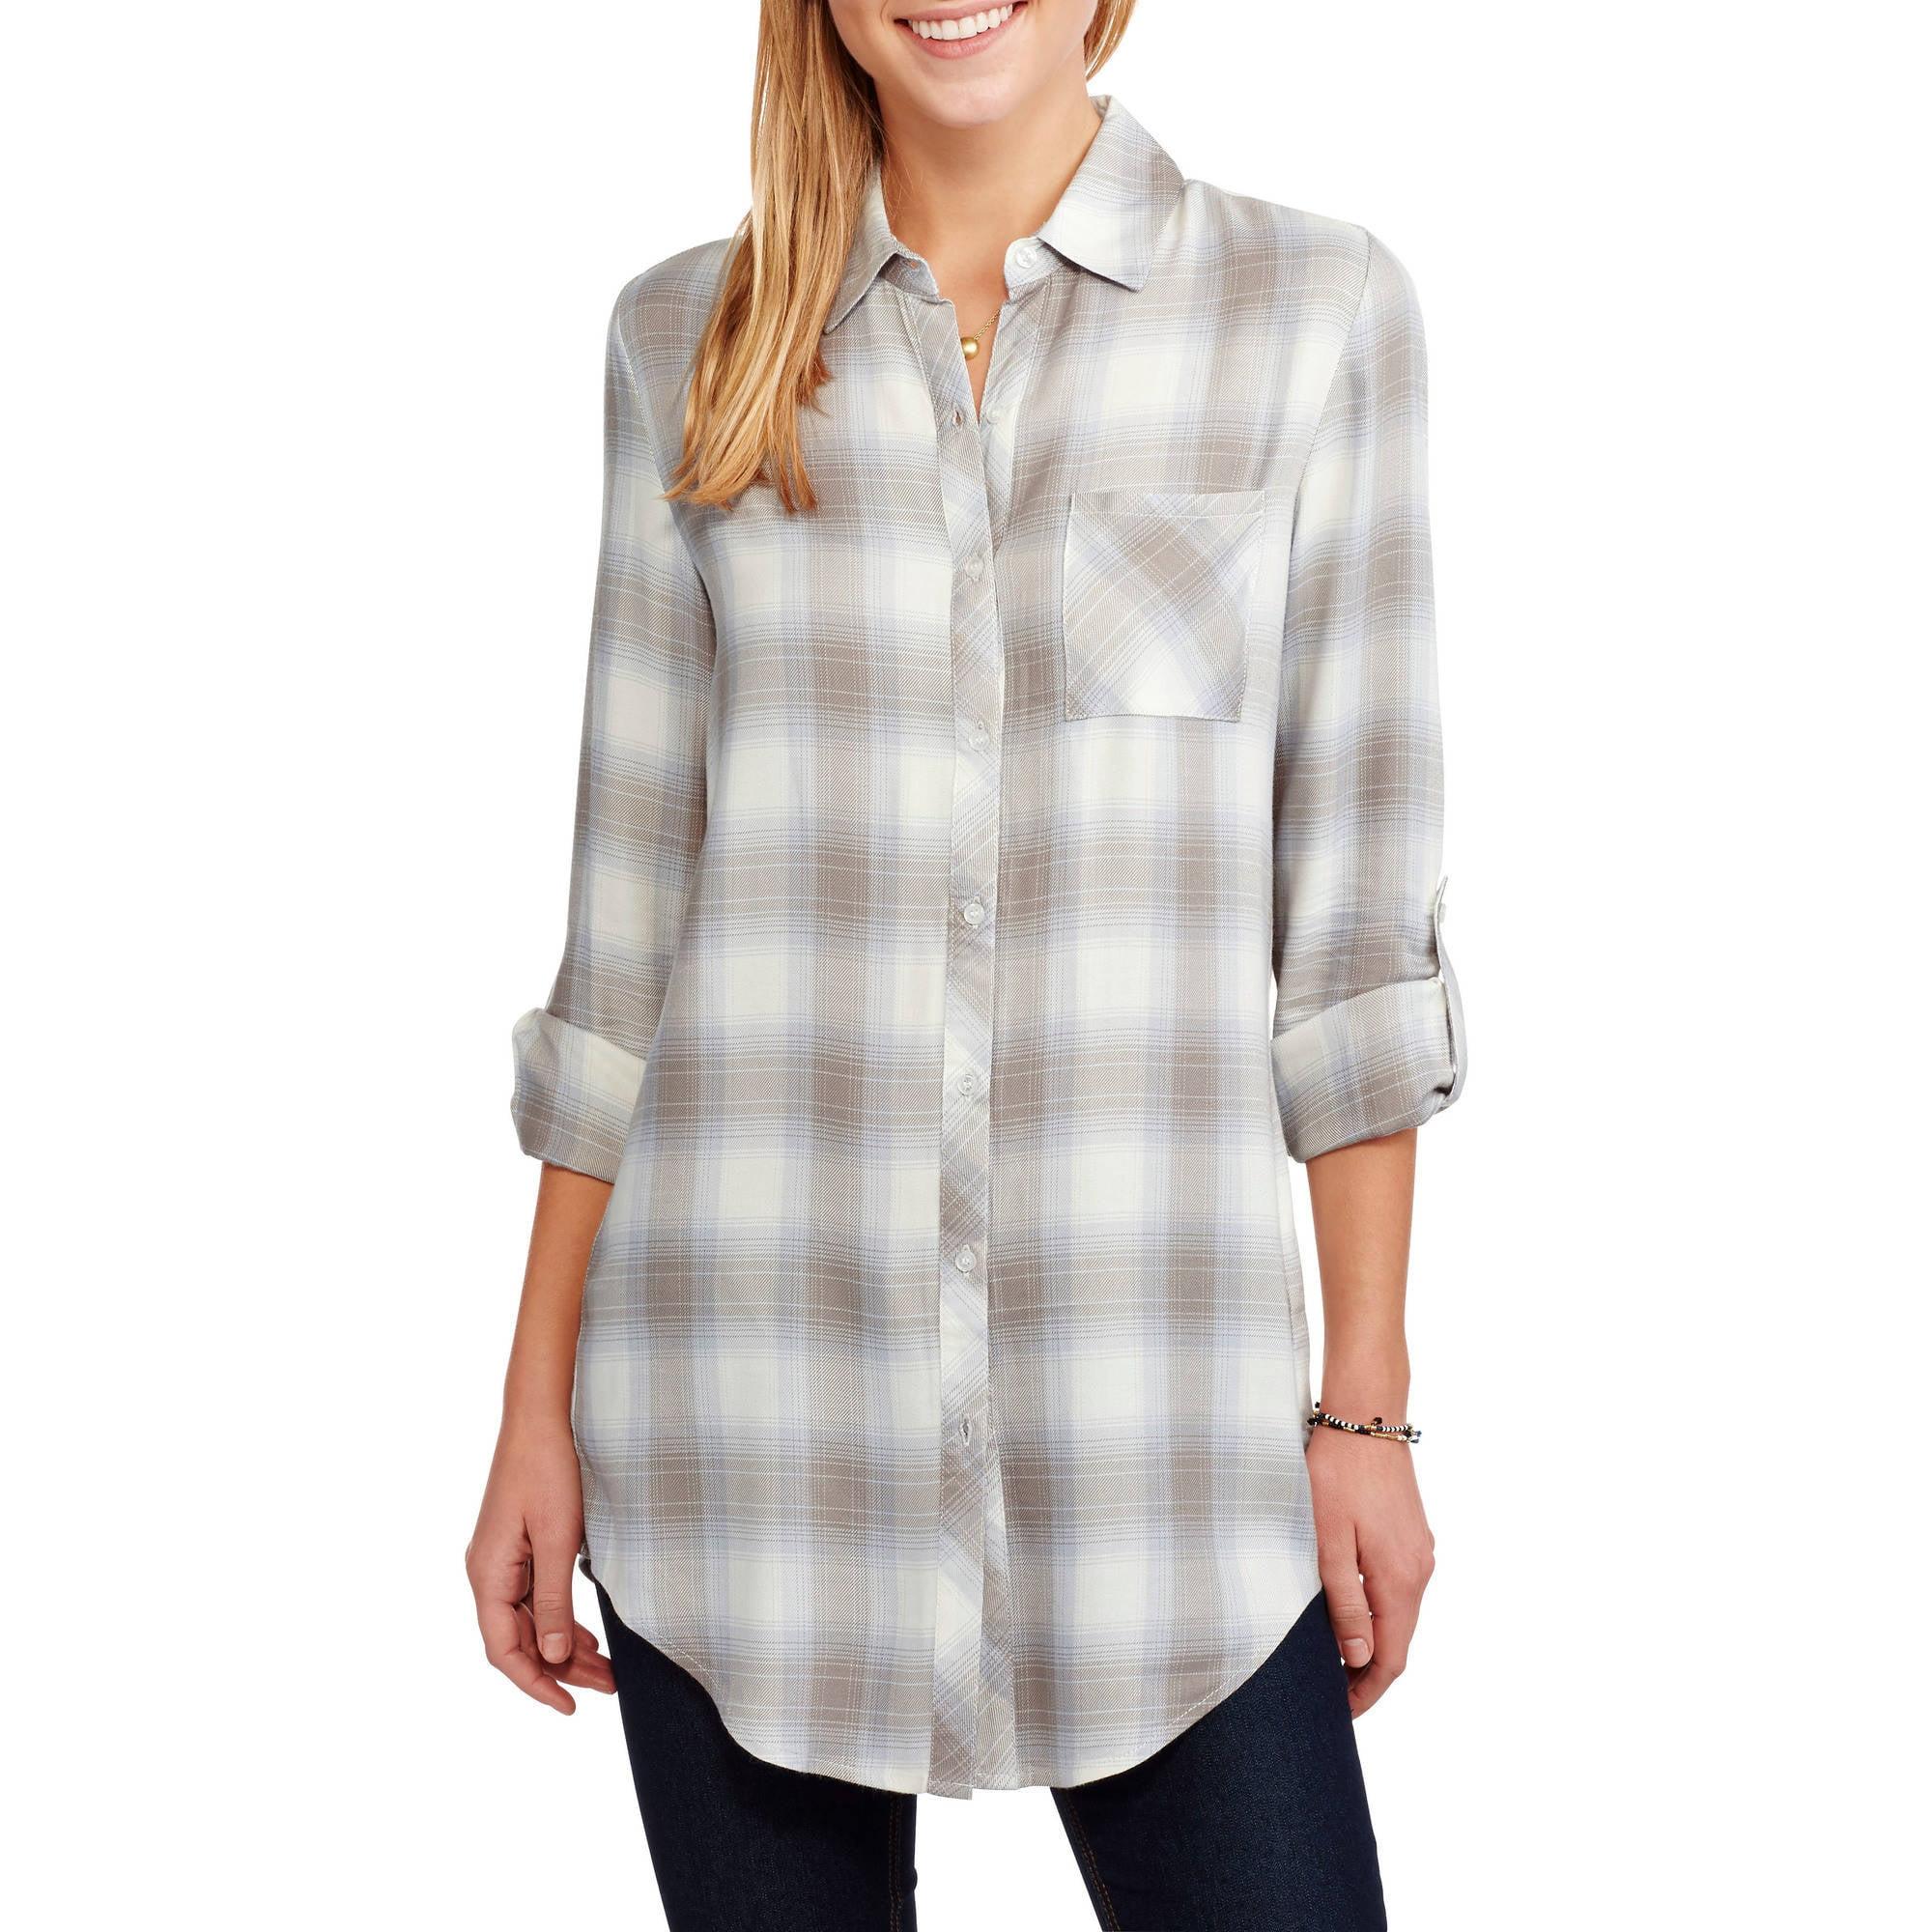 Womens Plaid Shirts Walmart Anlis